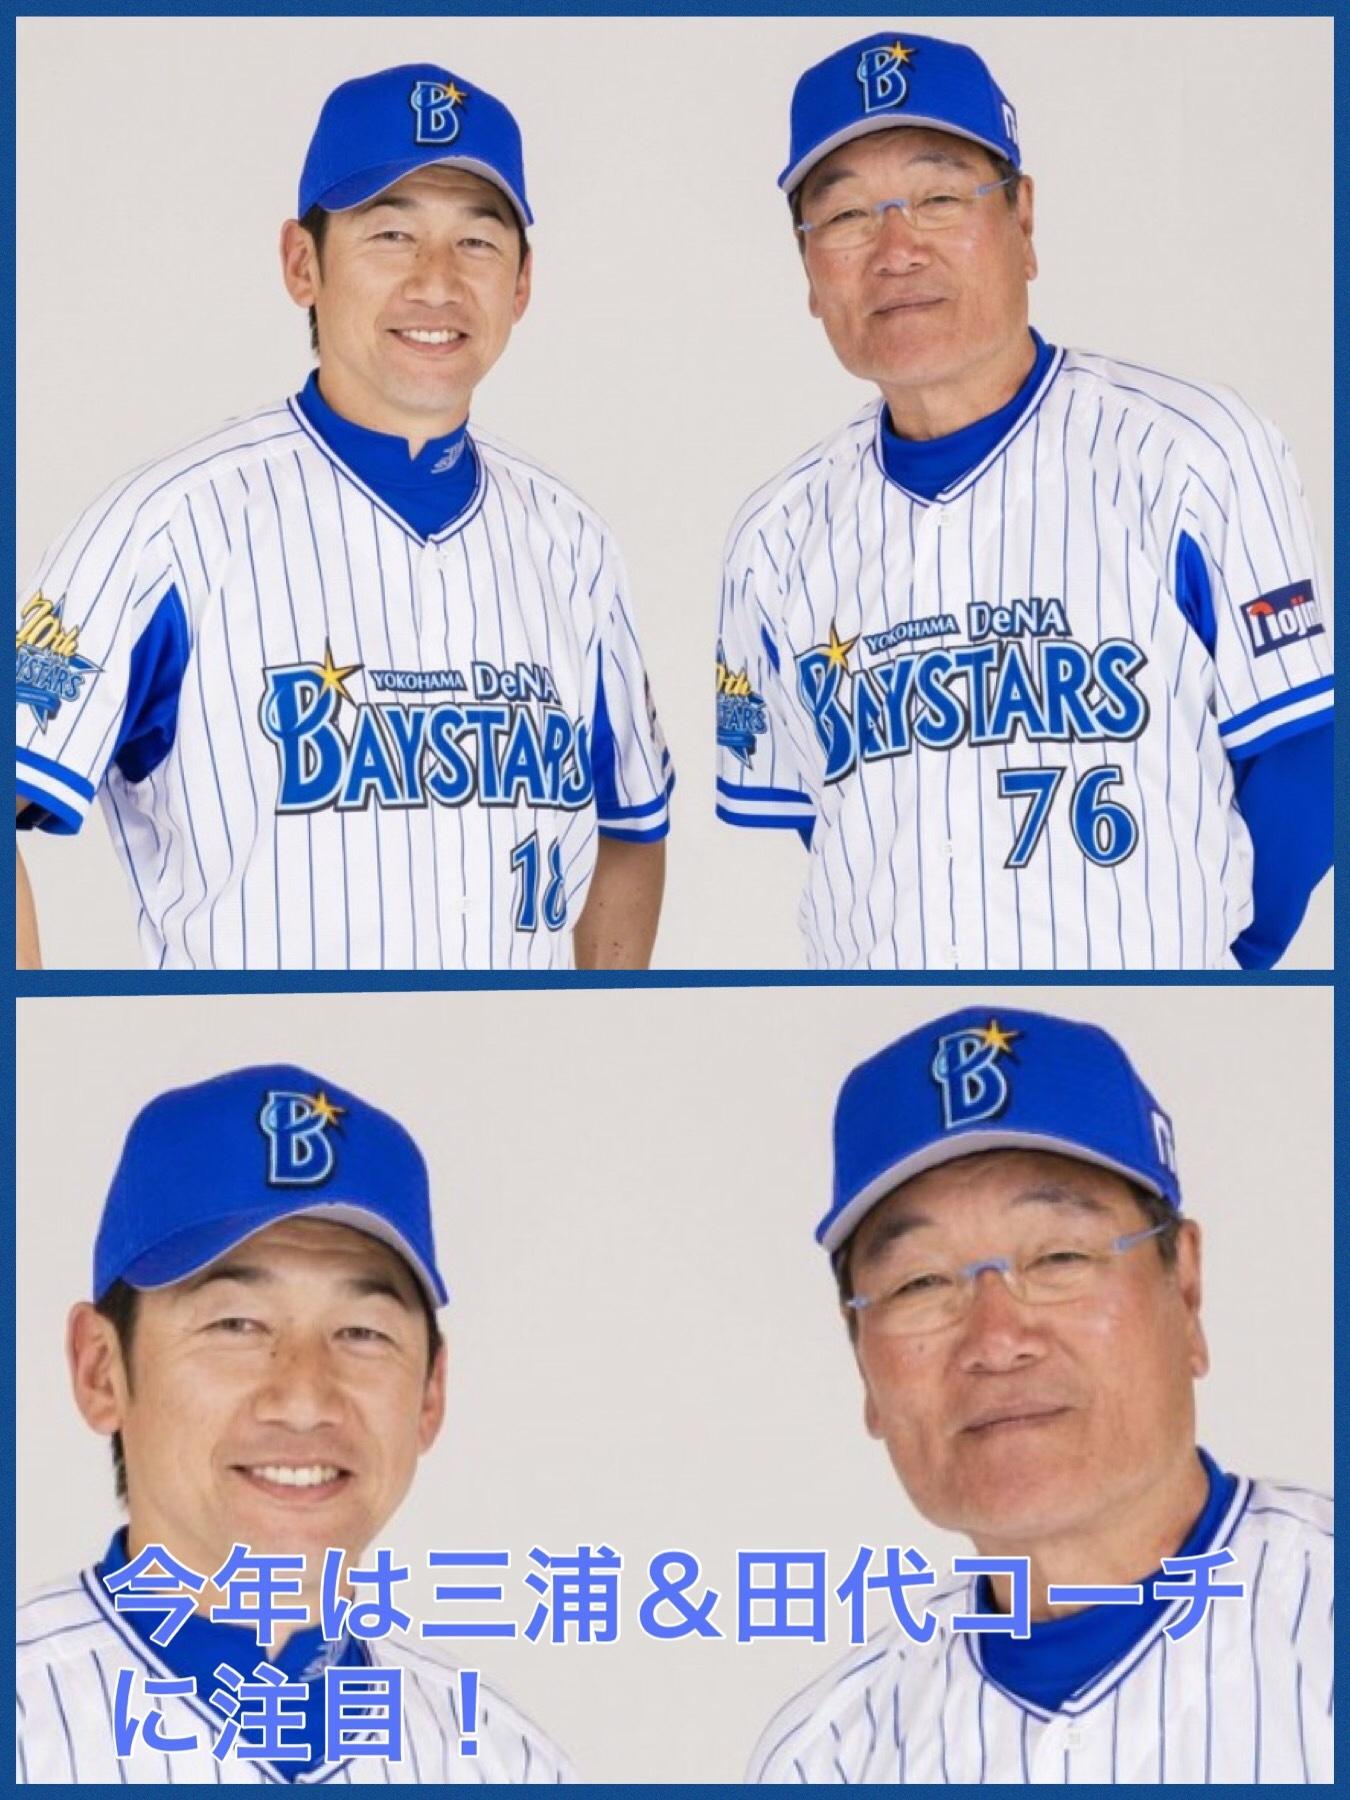 横浜ベイスターズ 三浦大輔 田代富雄コーチ